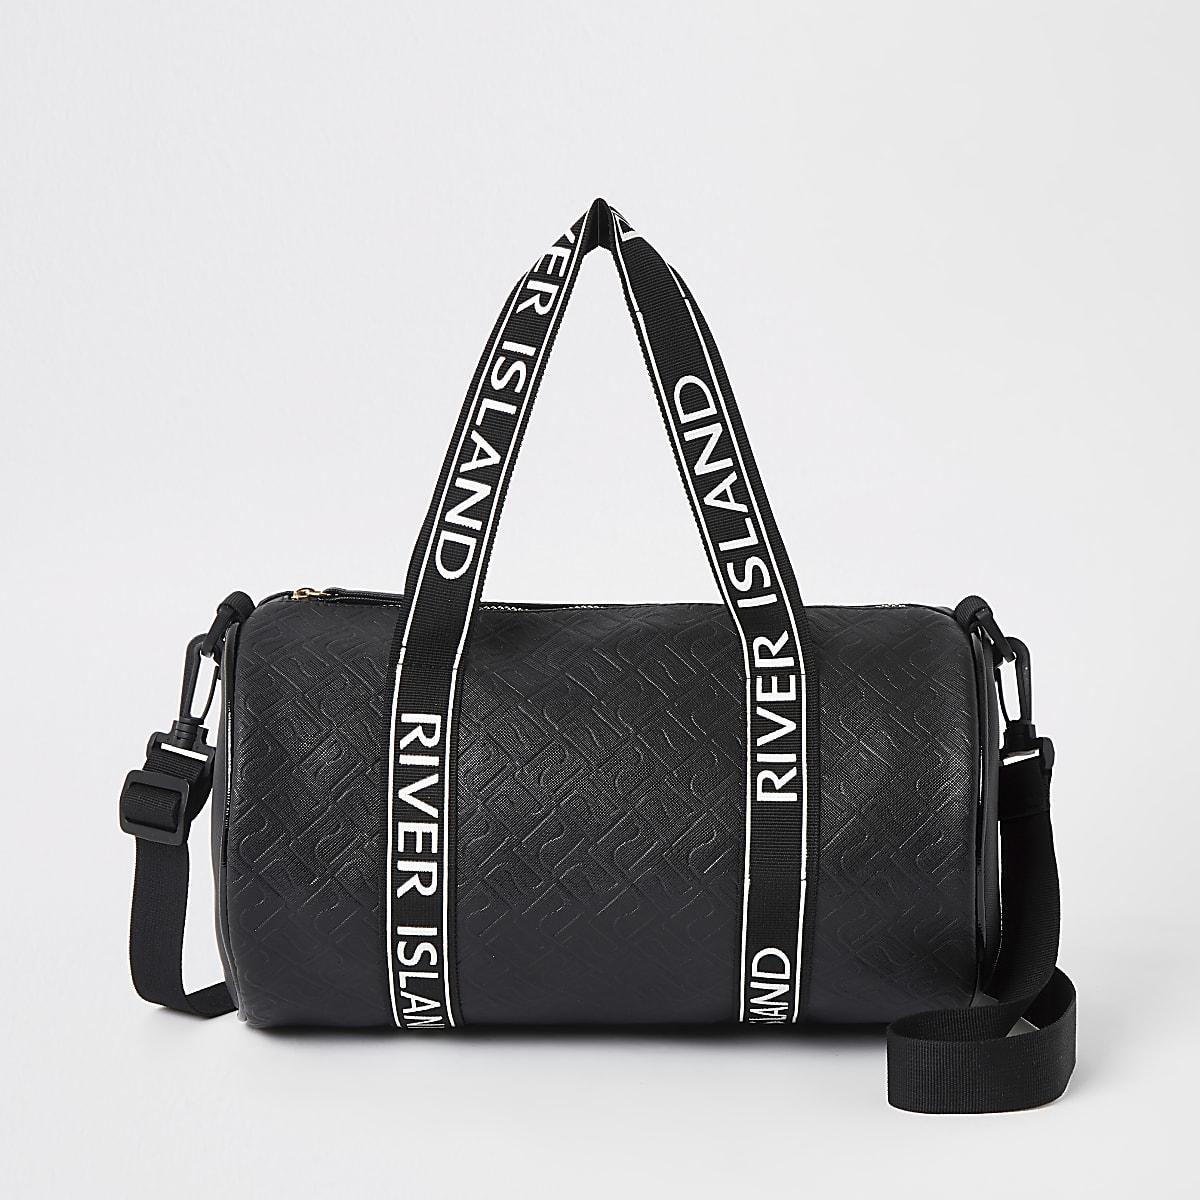 Gilrs black Ri mono holdall bag